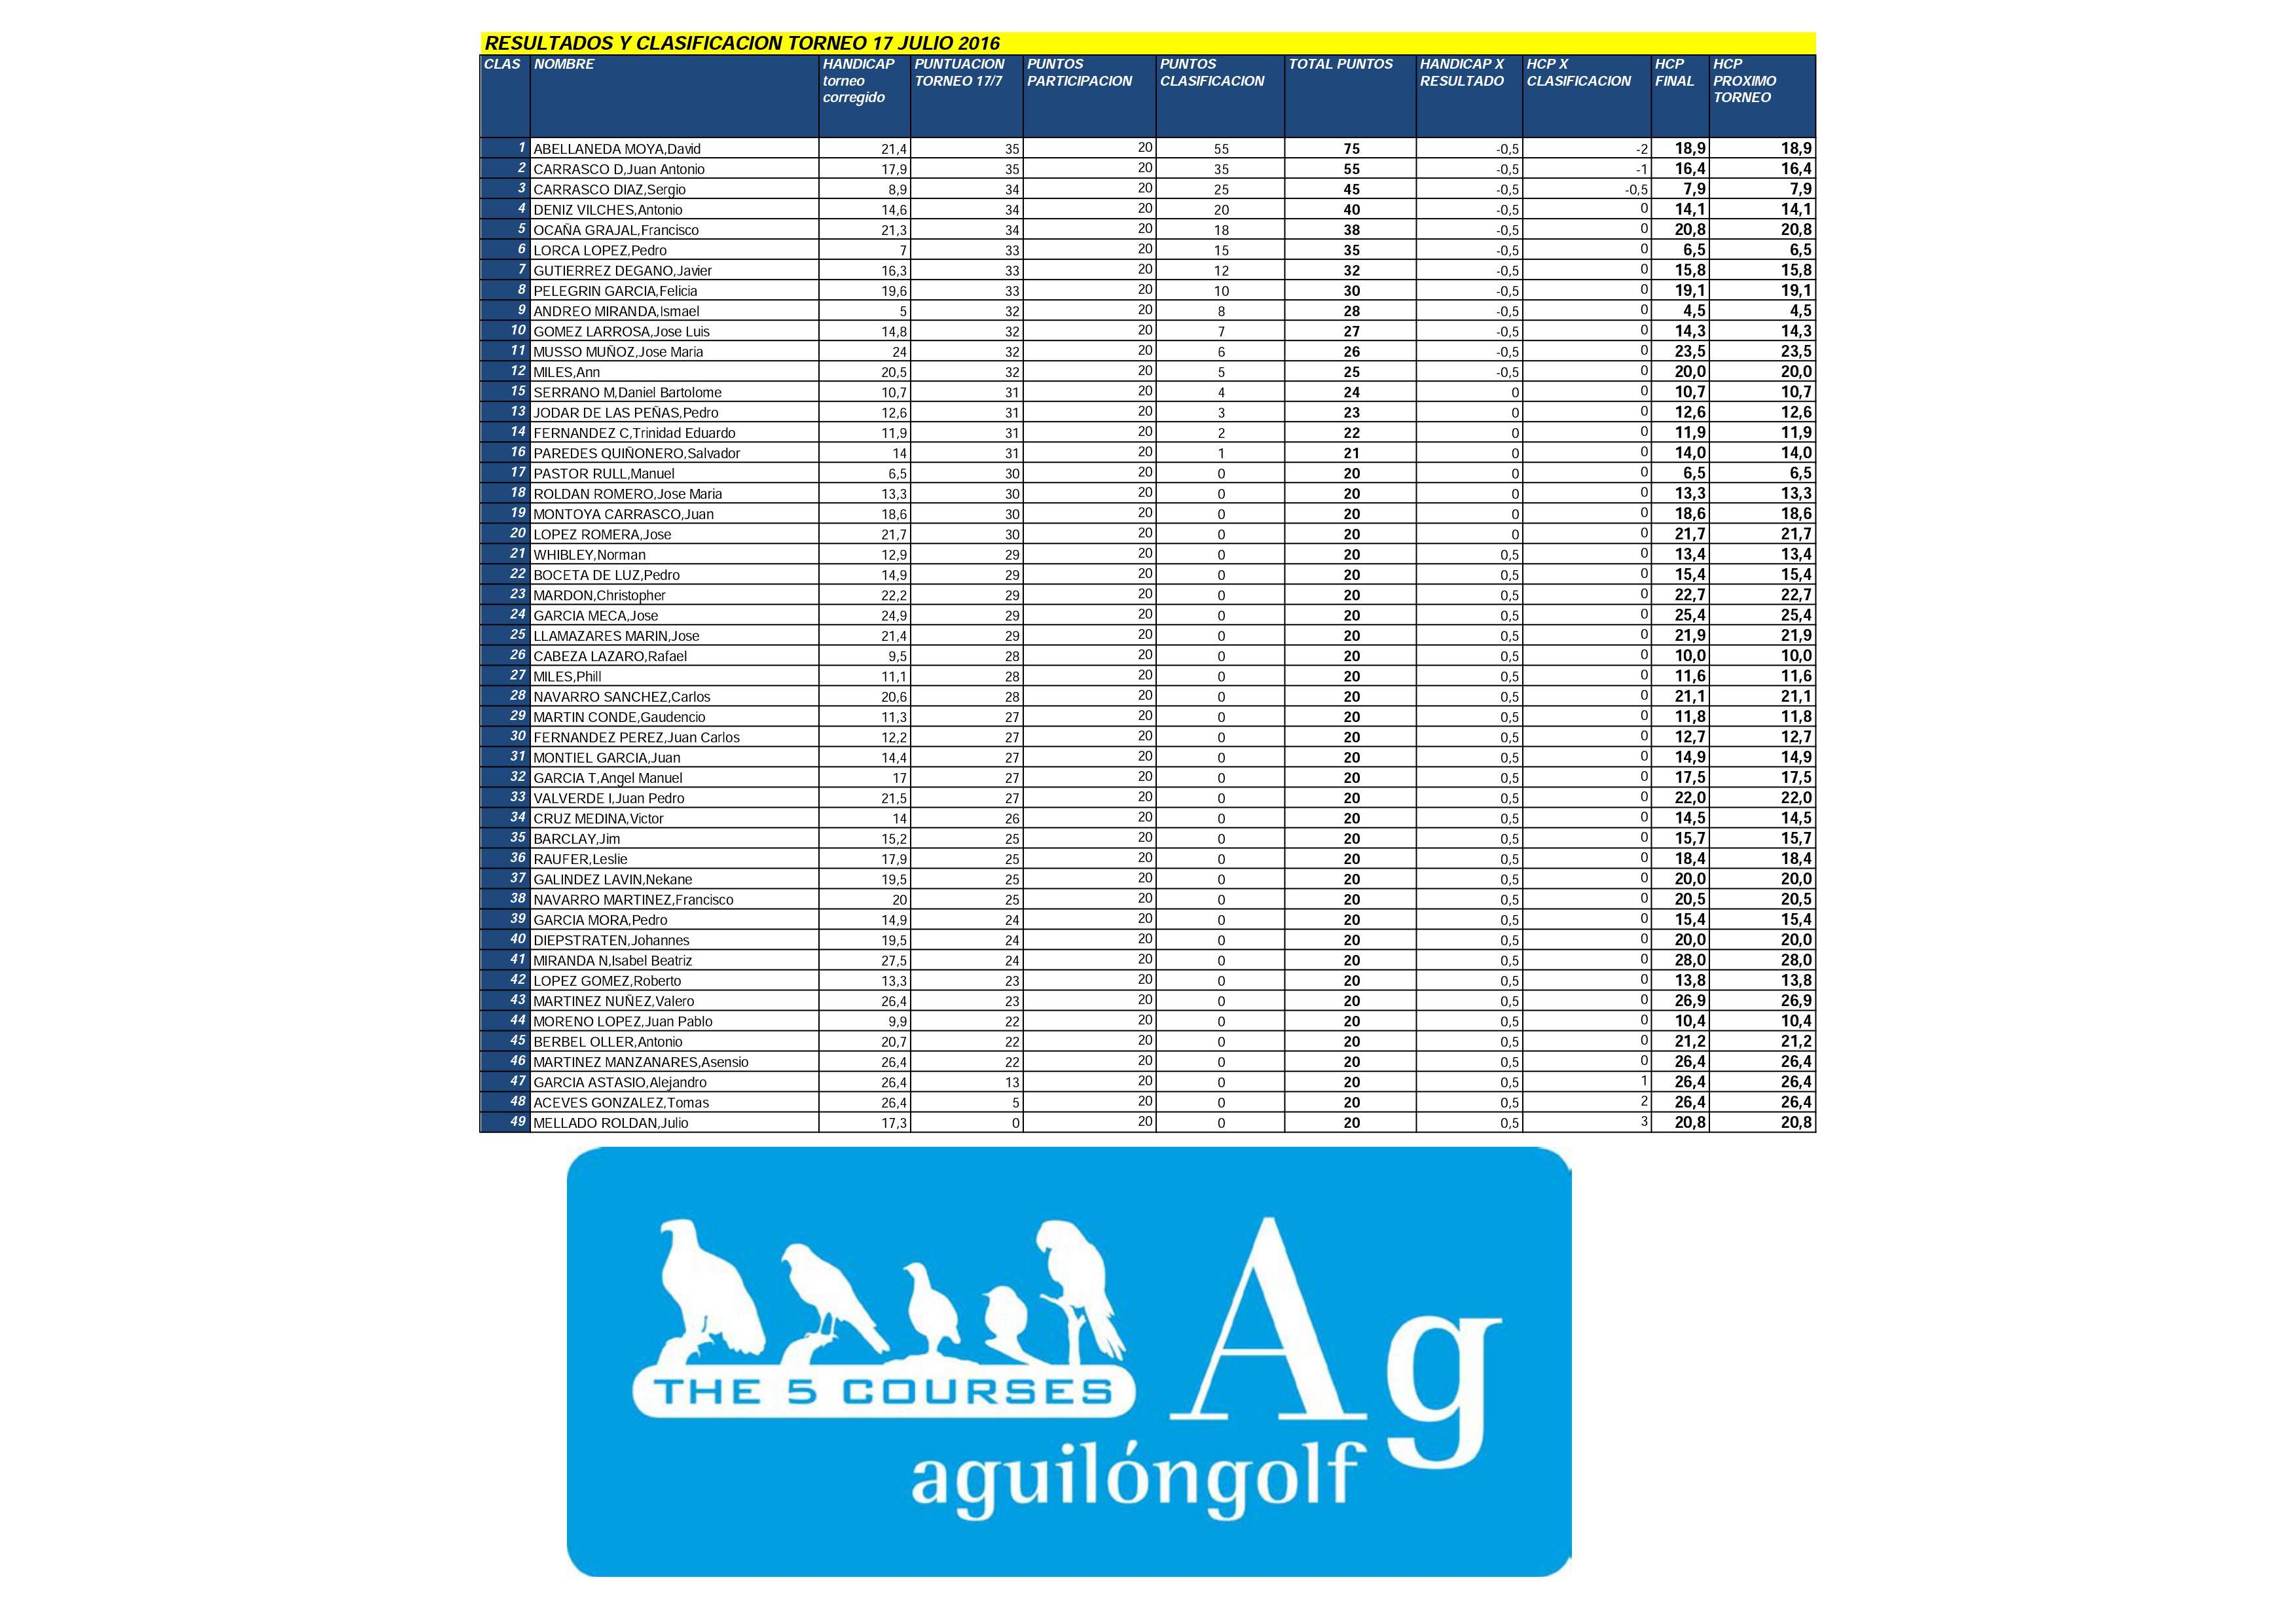 160717 AGU, Clasificación del torneo